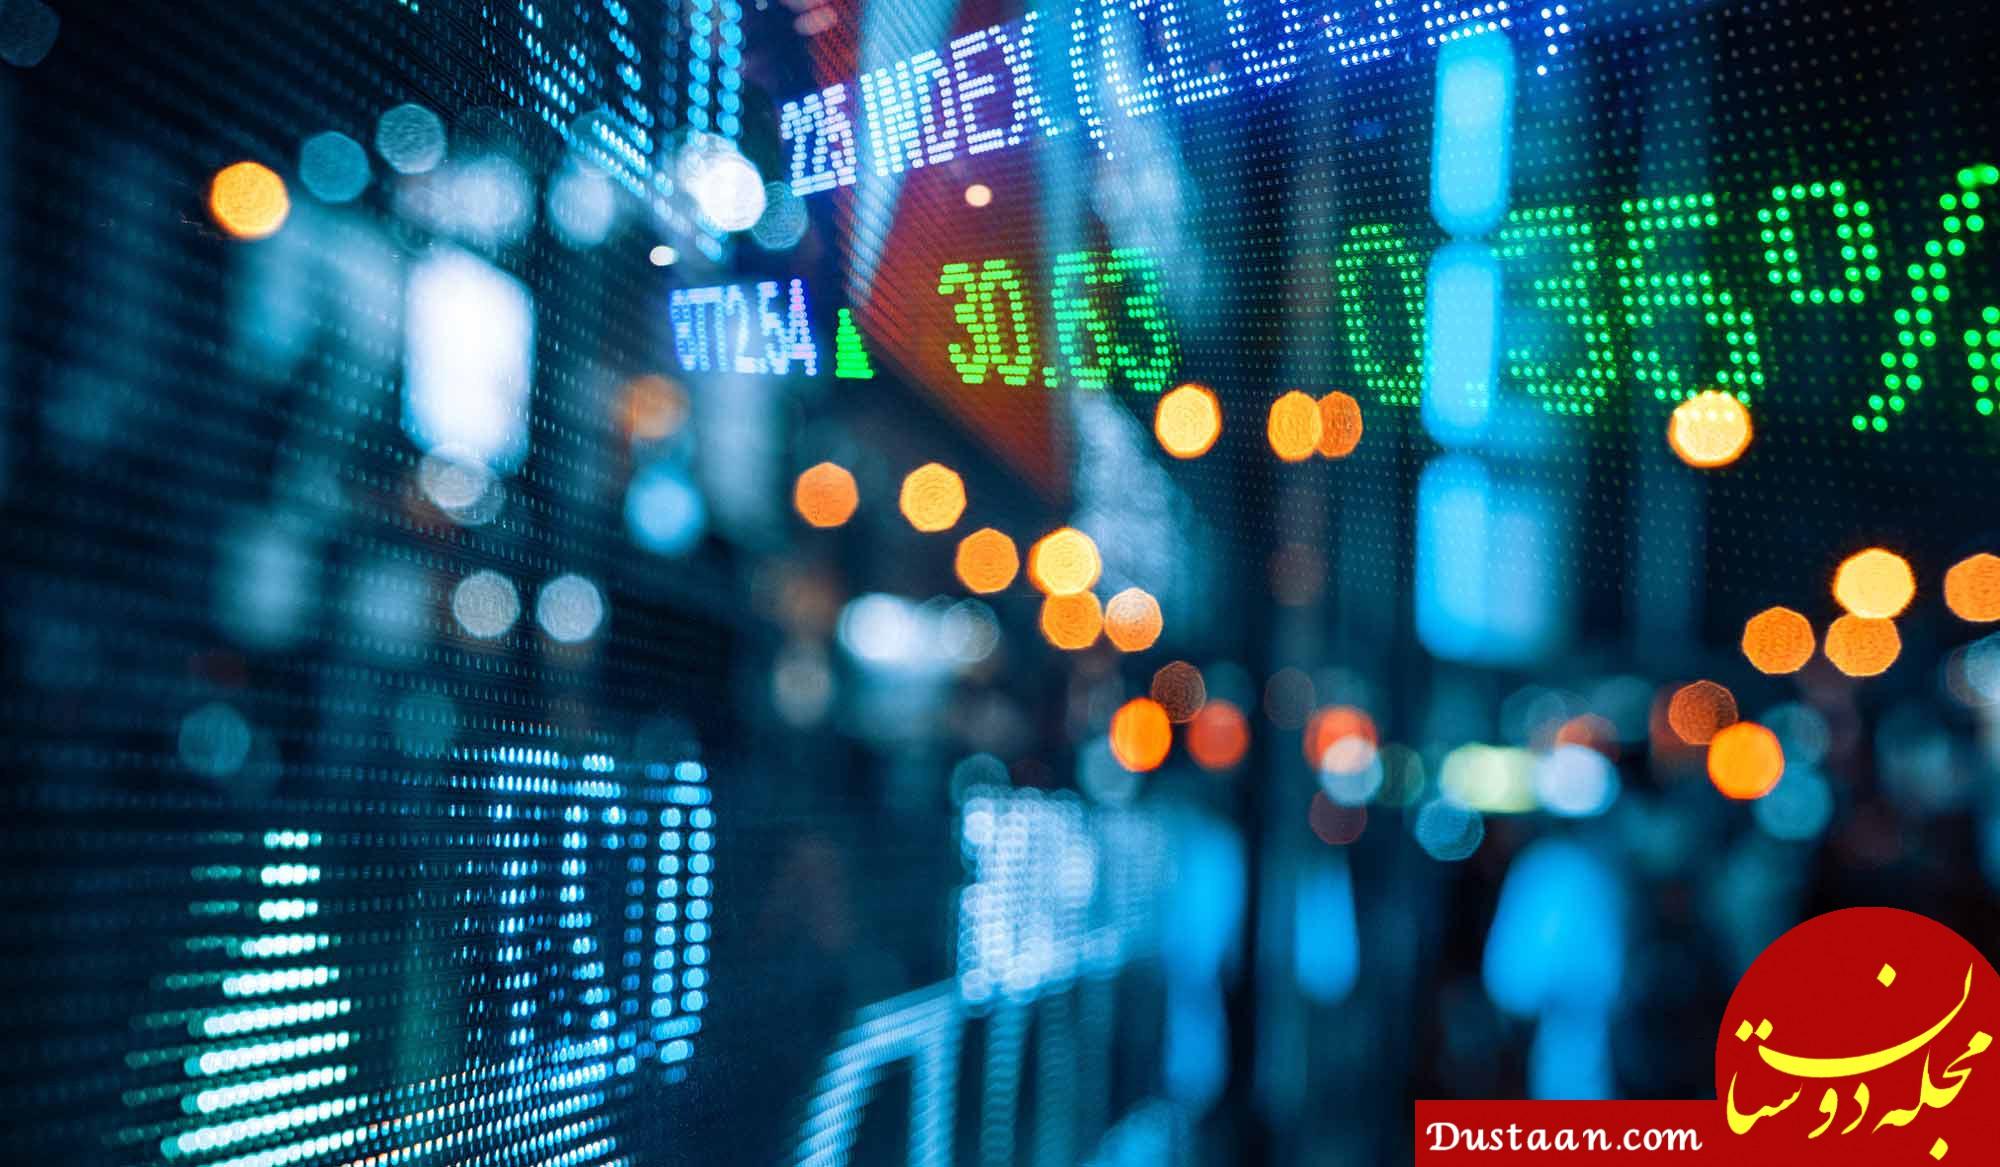 کاسبی 10 هزار میلیاردی دولت از مالیات معاملات بورسی در 6 ماه نخست امسال